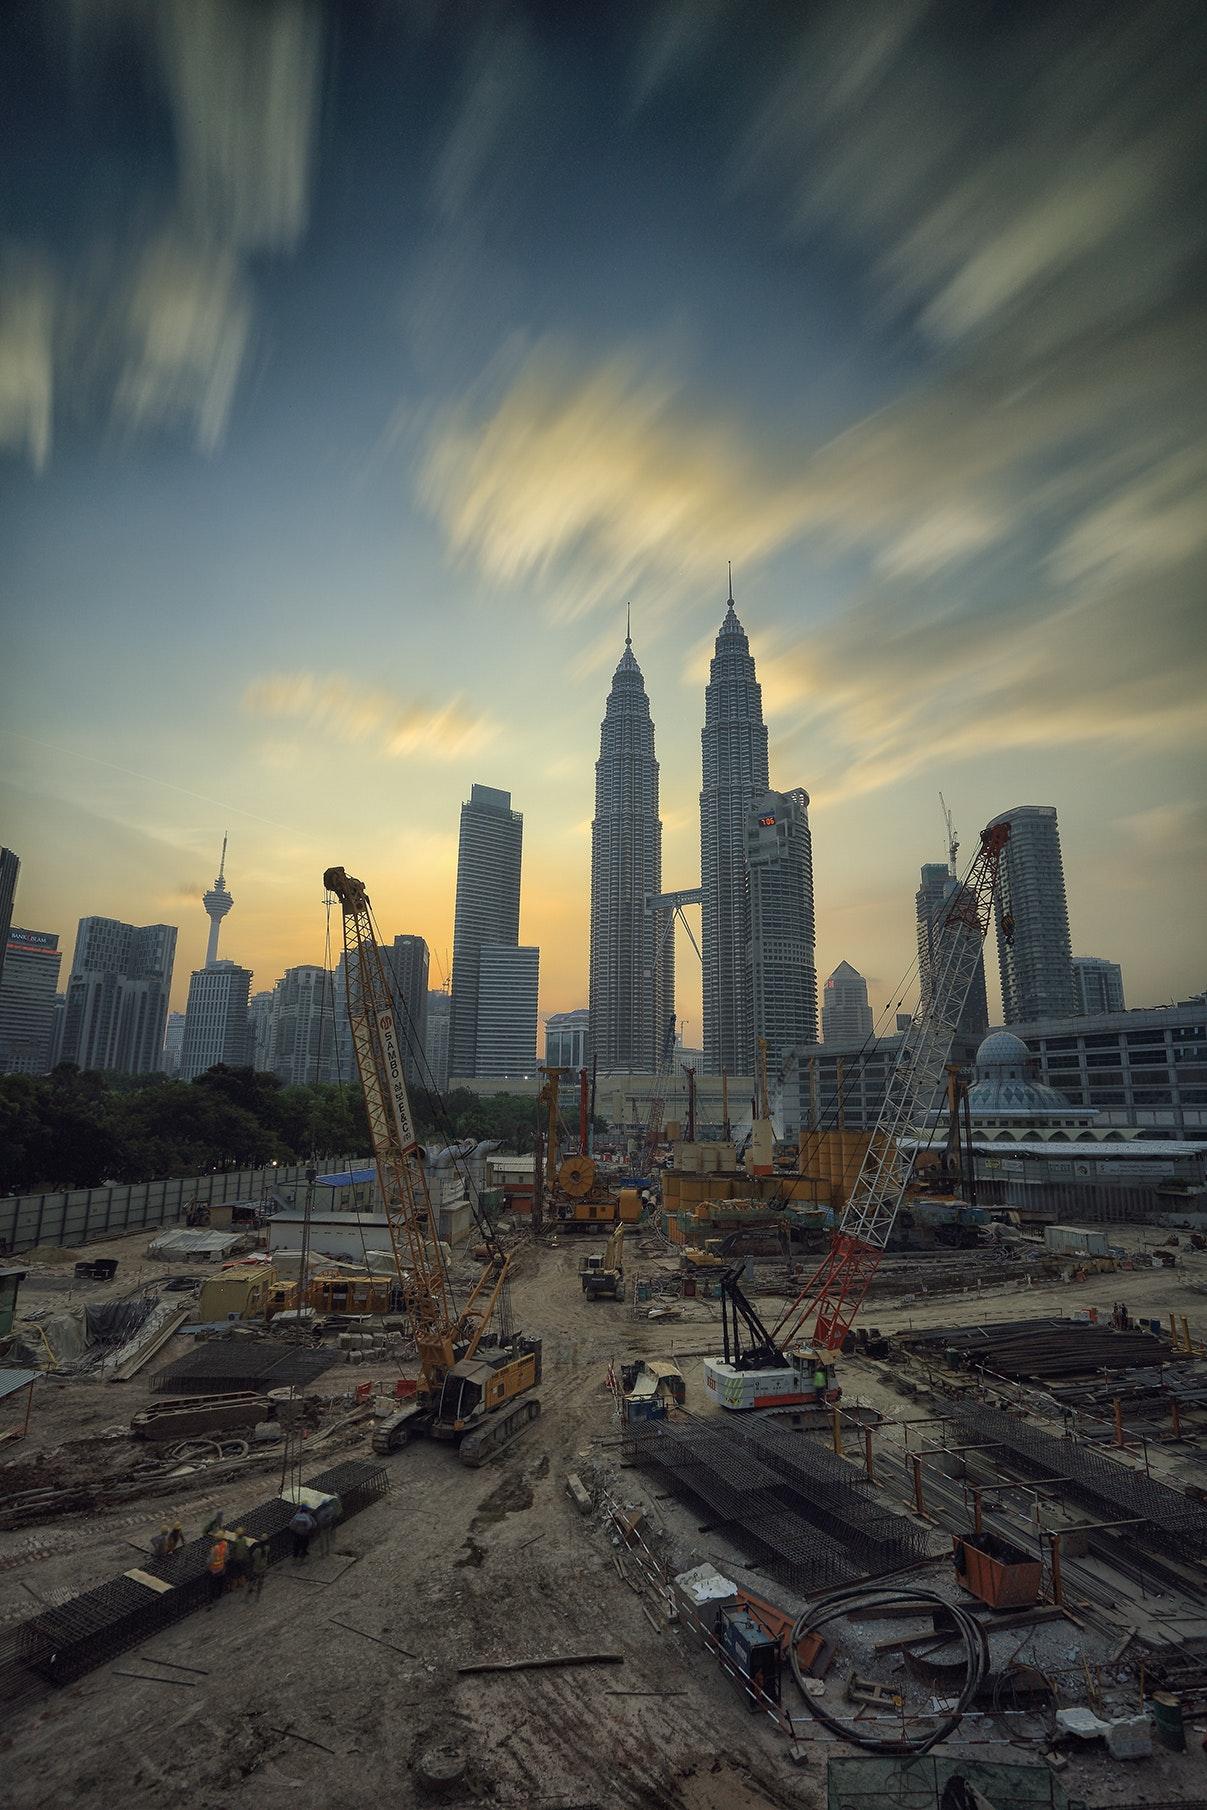 Yellow tower crane photo